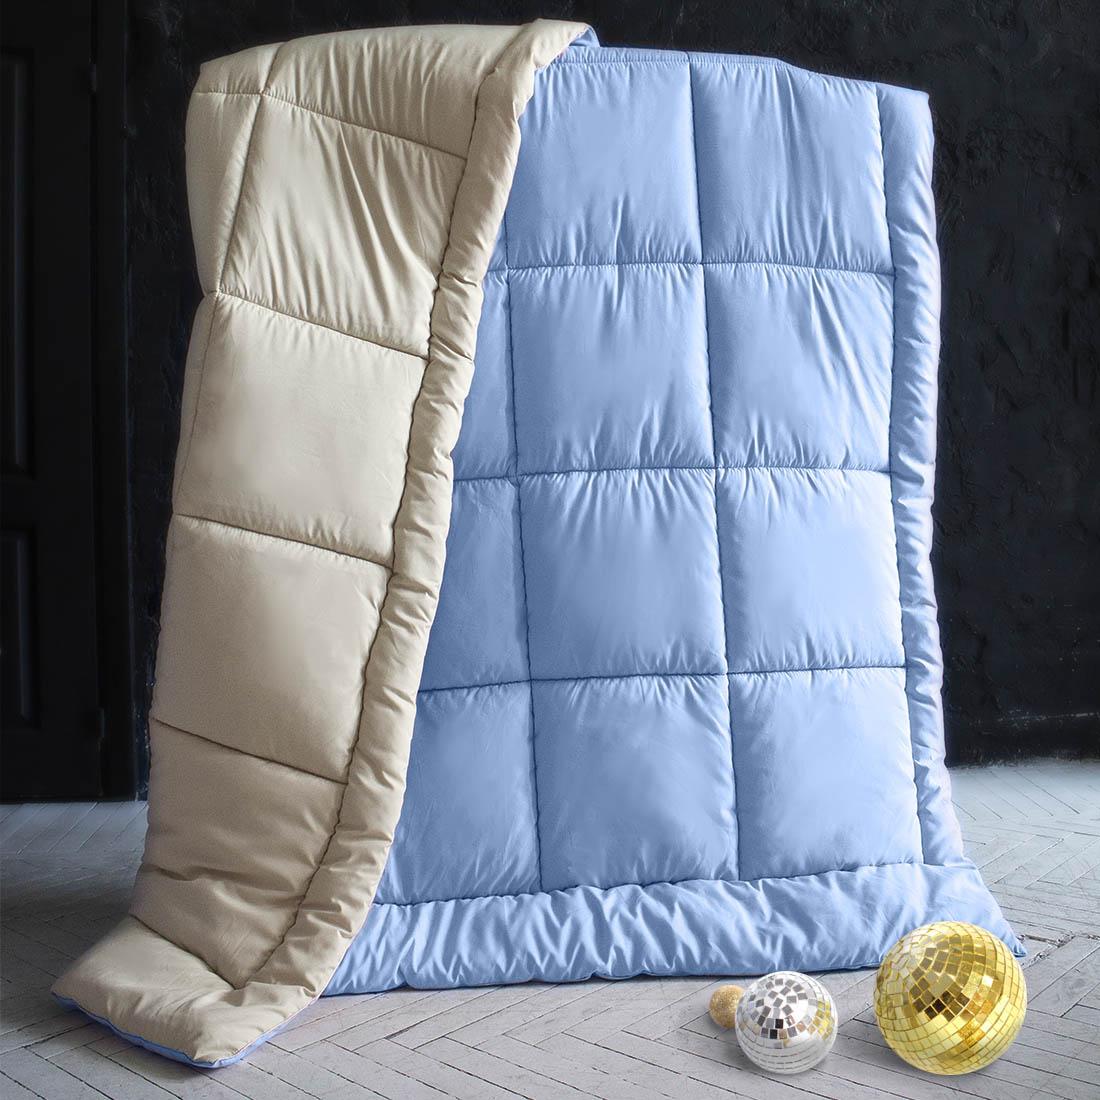 Одеяла Sleep iX Одеяло MiltiColorЦвет: Голубой/Бежевый (140х205 см) одеяло лэмби цвет бежевый 140 х 205 см